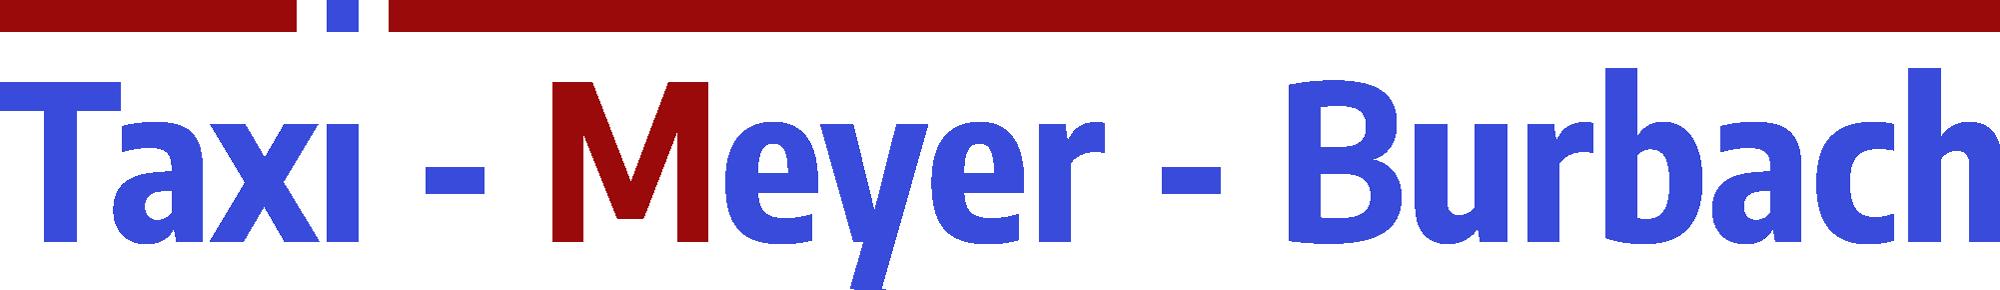 Taxi Meyer Burbach